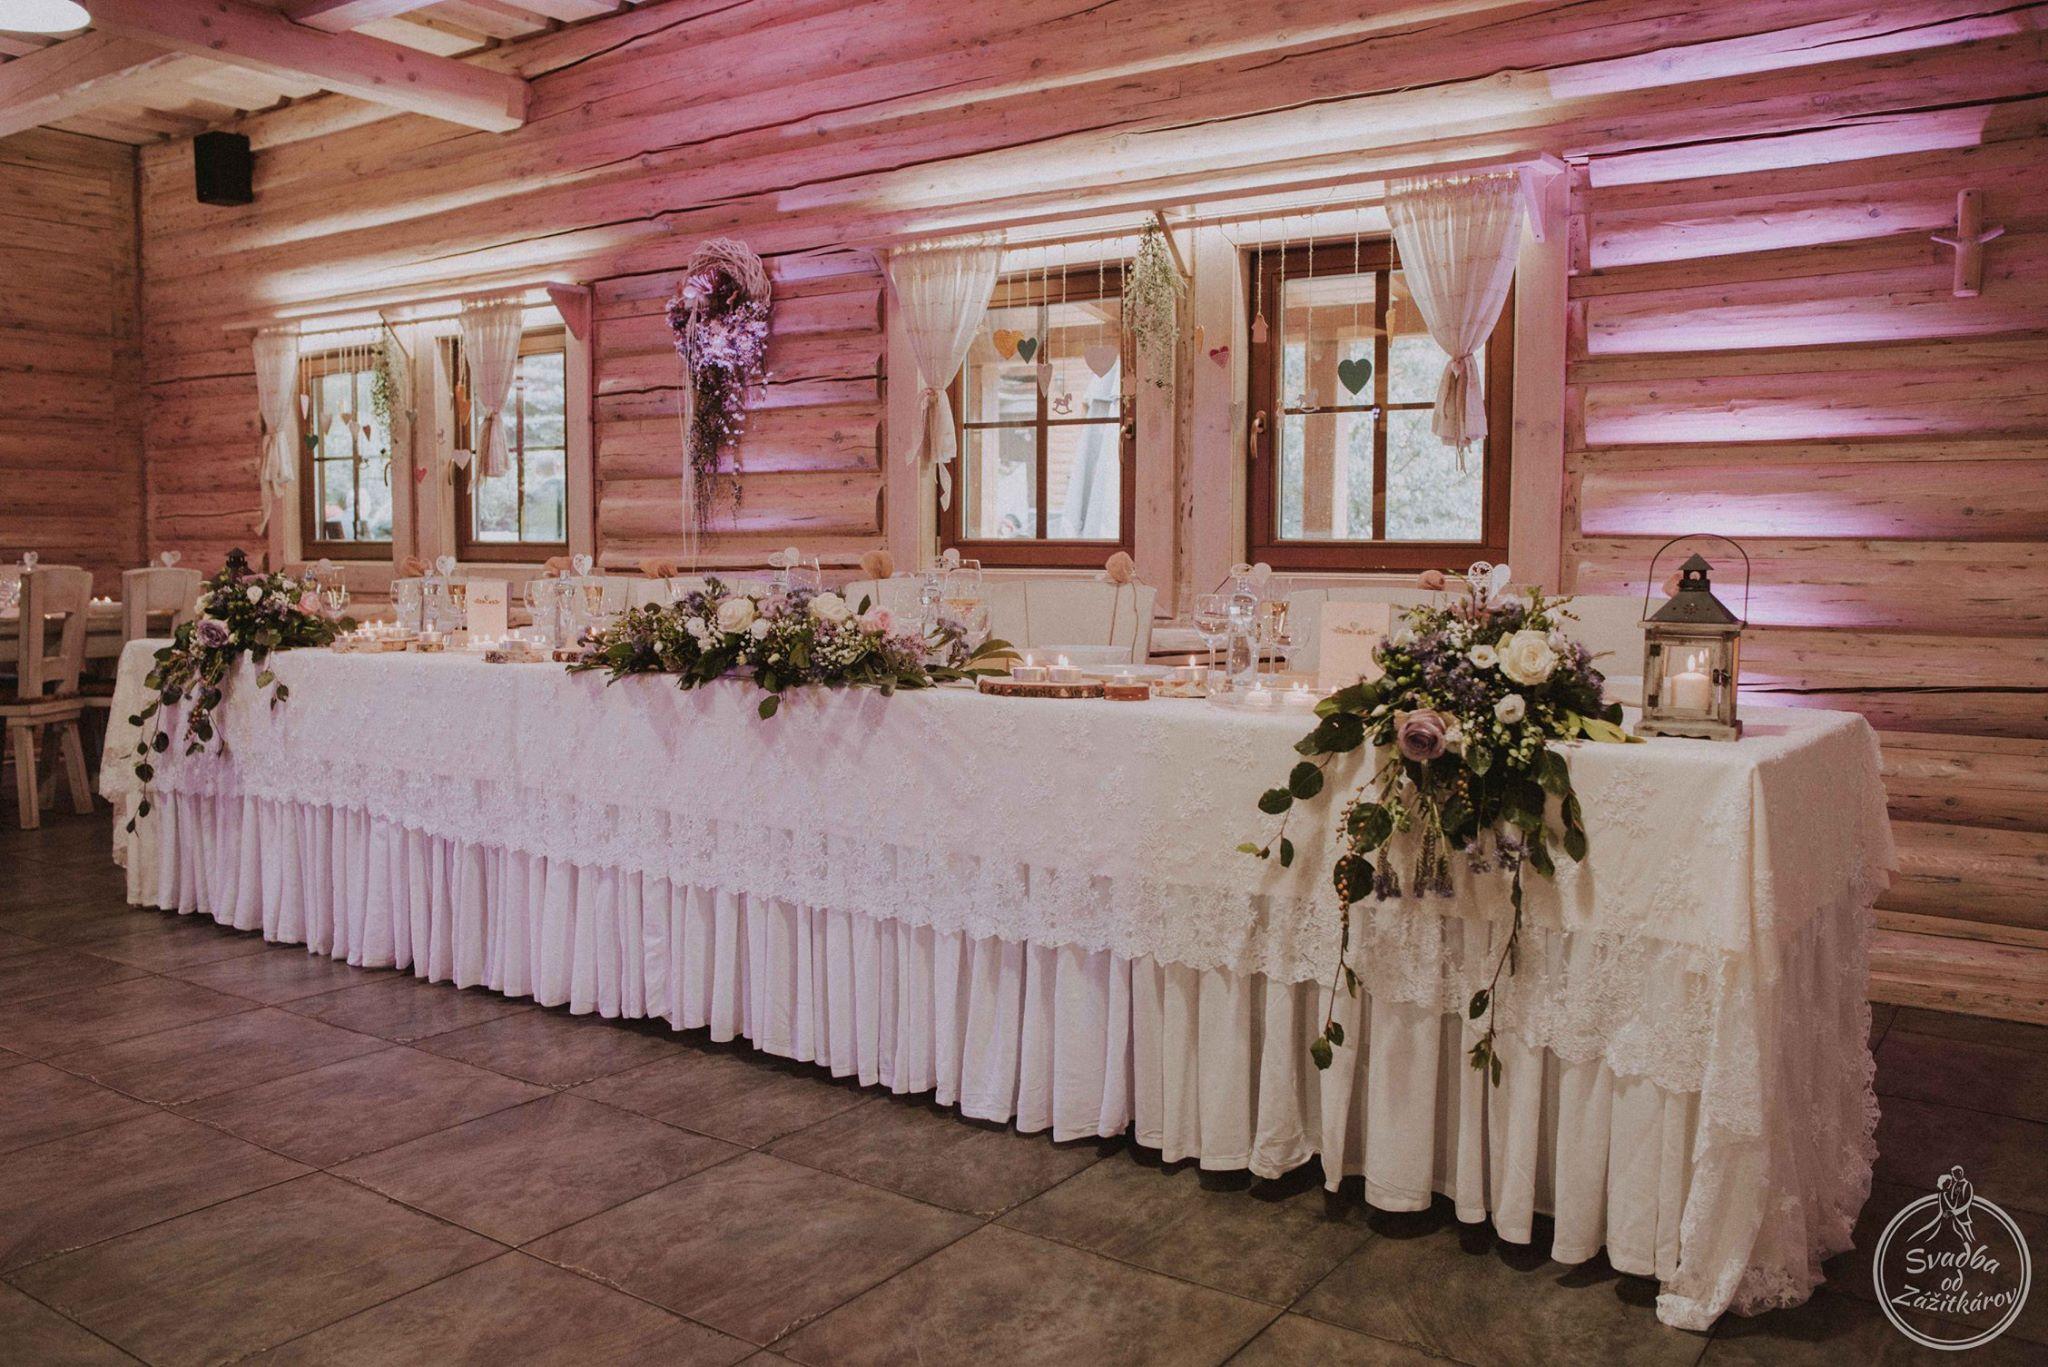 svadba zabavac moderator na svadbu lacno dj mikejpg